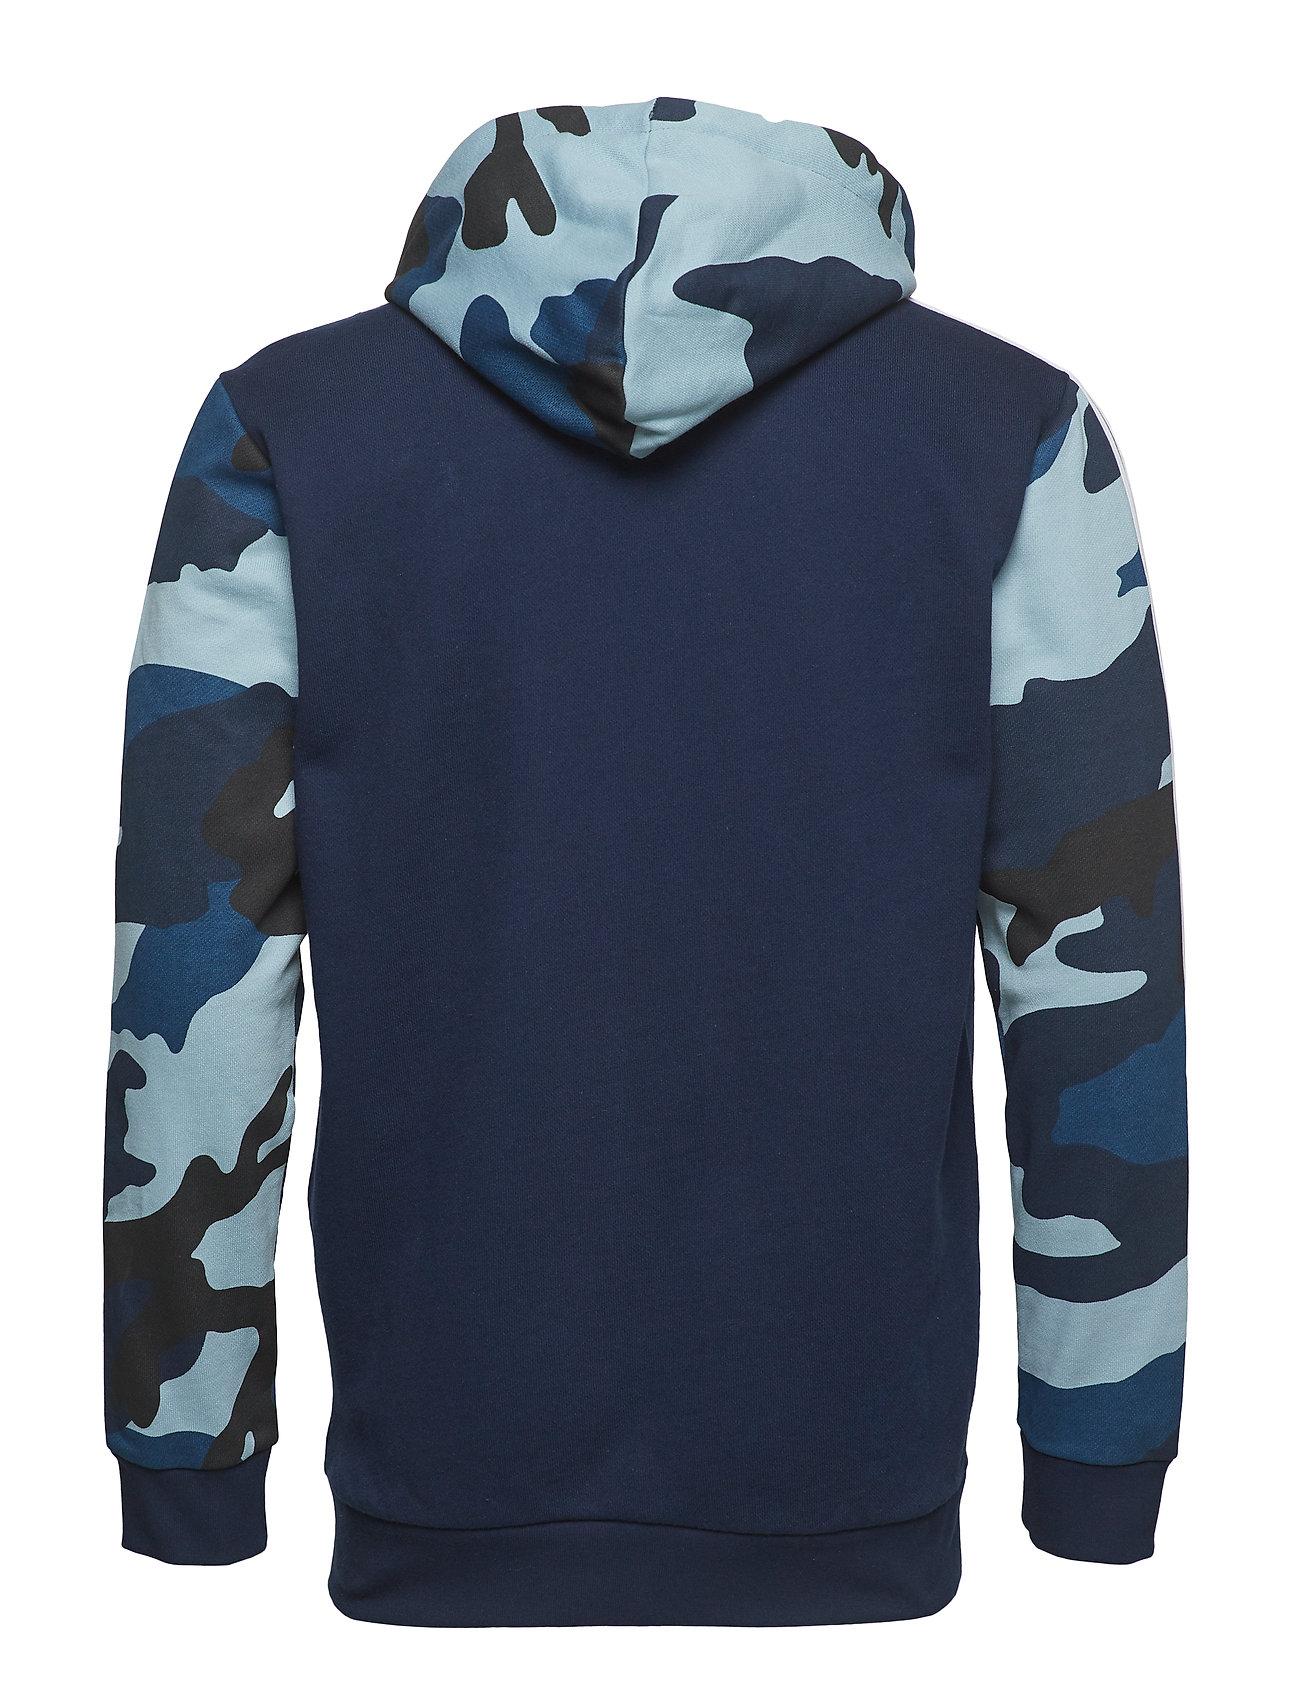 adidas Originals    CAMO FZ HOODY  - Sweatshirts    CONAVY